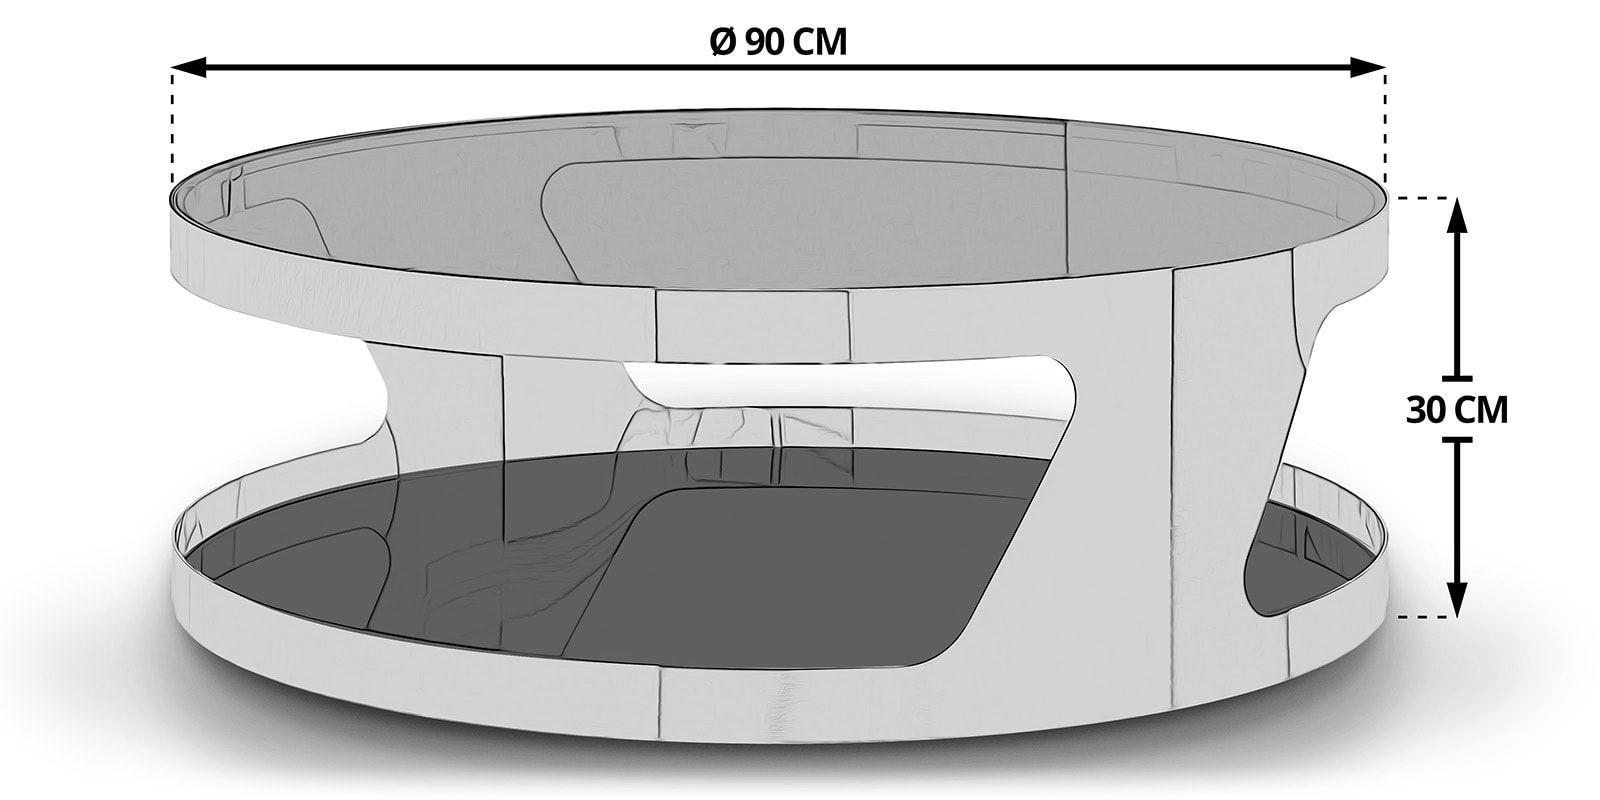 couchtisch chrom rund silber kairo glastisch wohnzimmer beistell tisch designer ebay. Black Bedroom Furniture Sets. Home Design Ideas